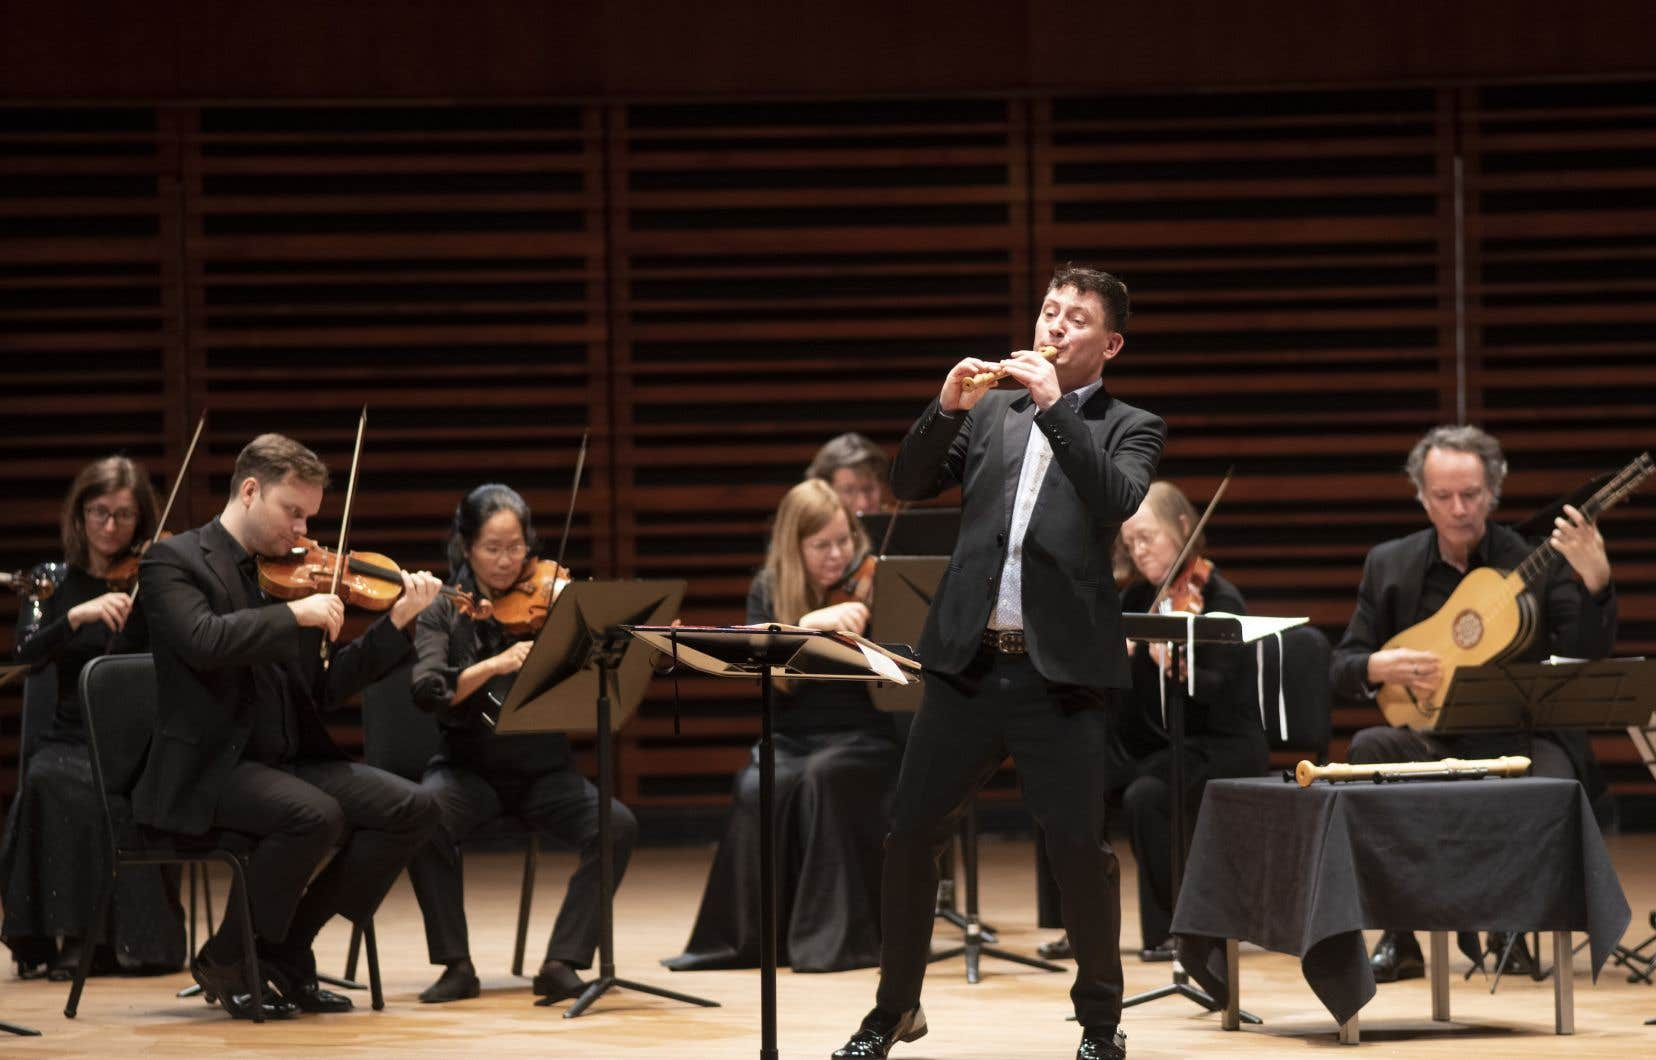 Le flûtiste à bec Maurice Steger était venu avec une panoplie de flûtes pour animer son concert avec Les Violons du Roy.